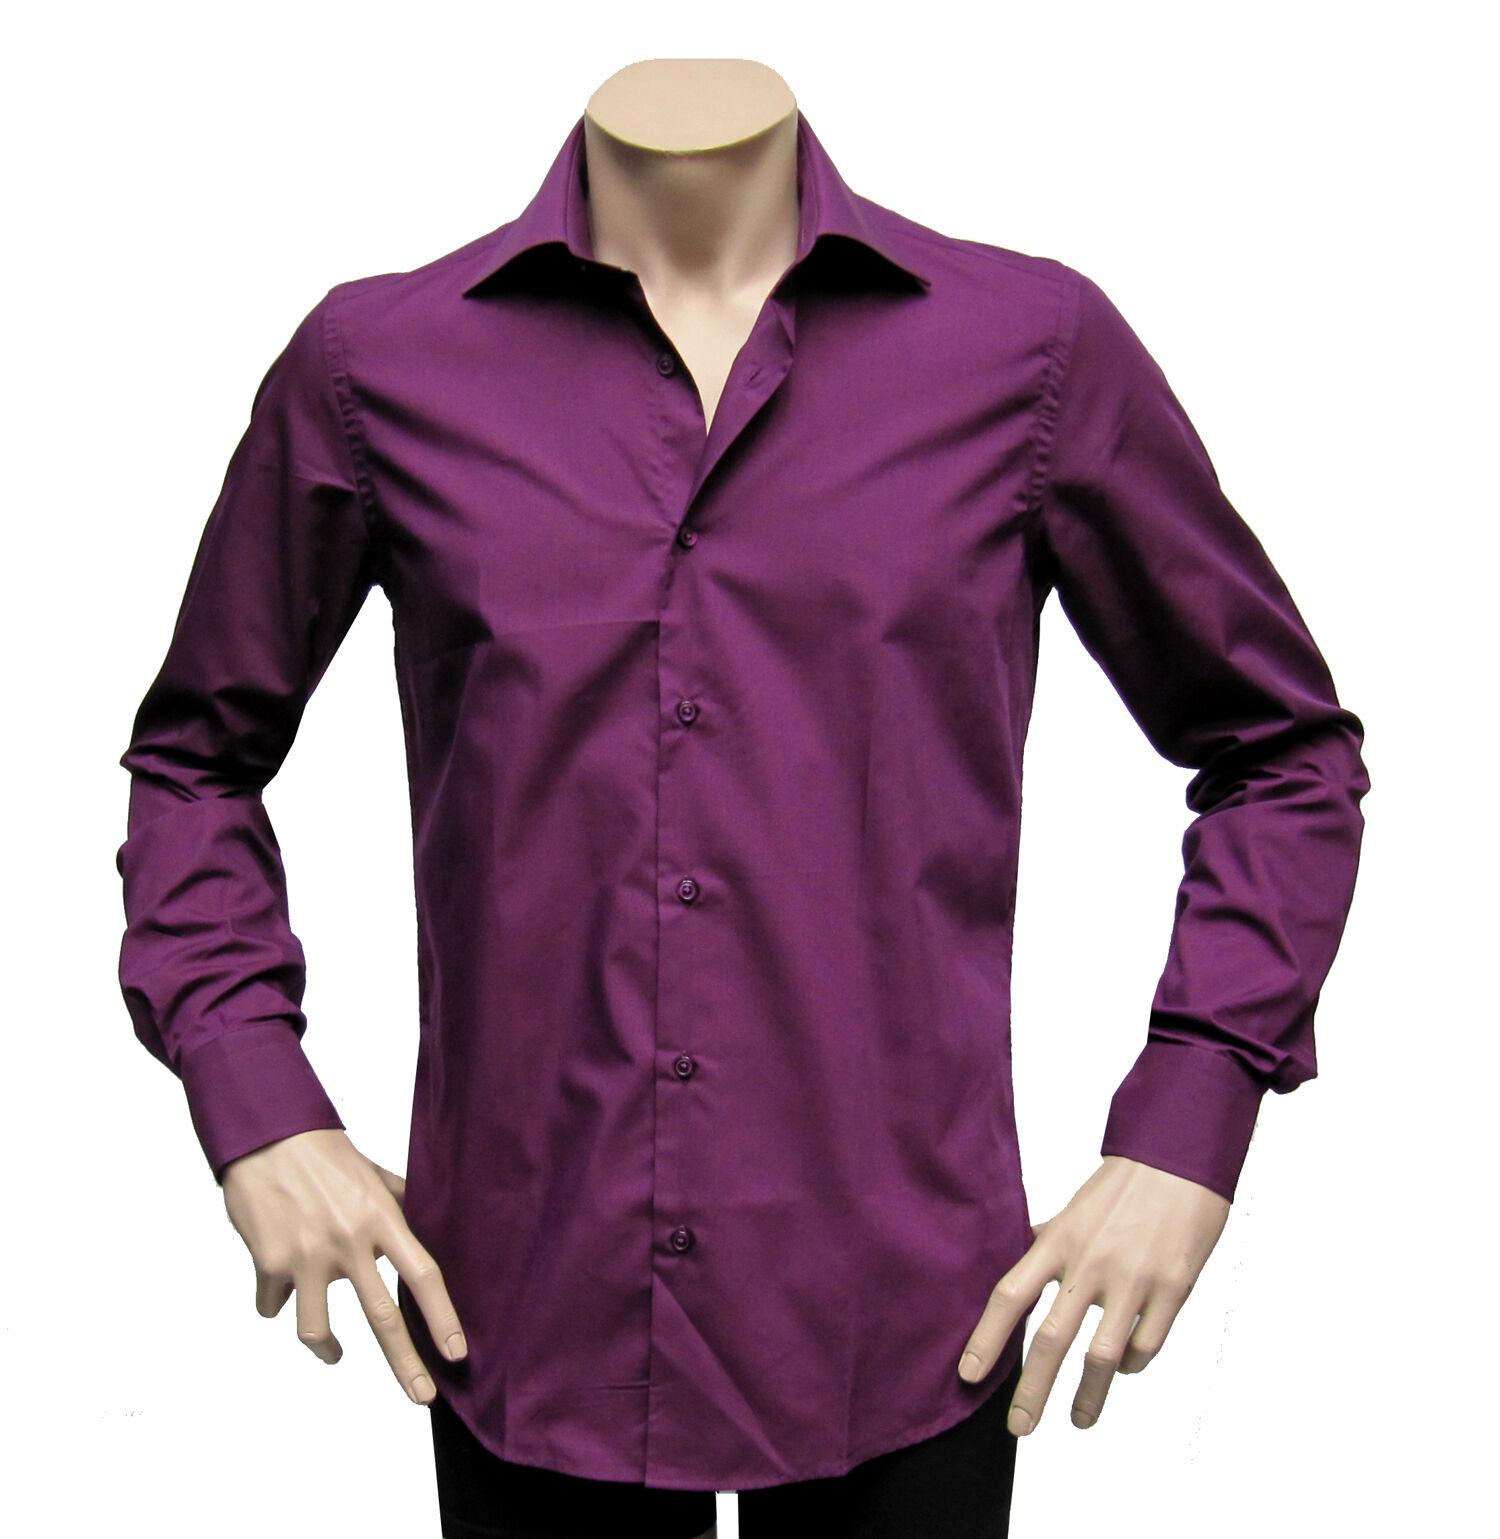 Slim-fit Hemd extra lange arme Muga Gr.4XL purplet